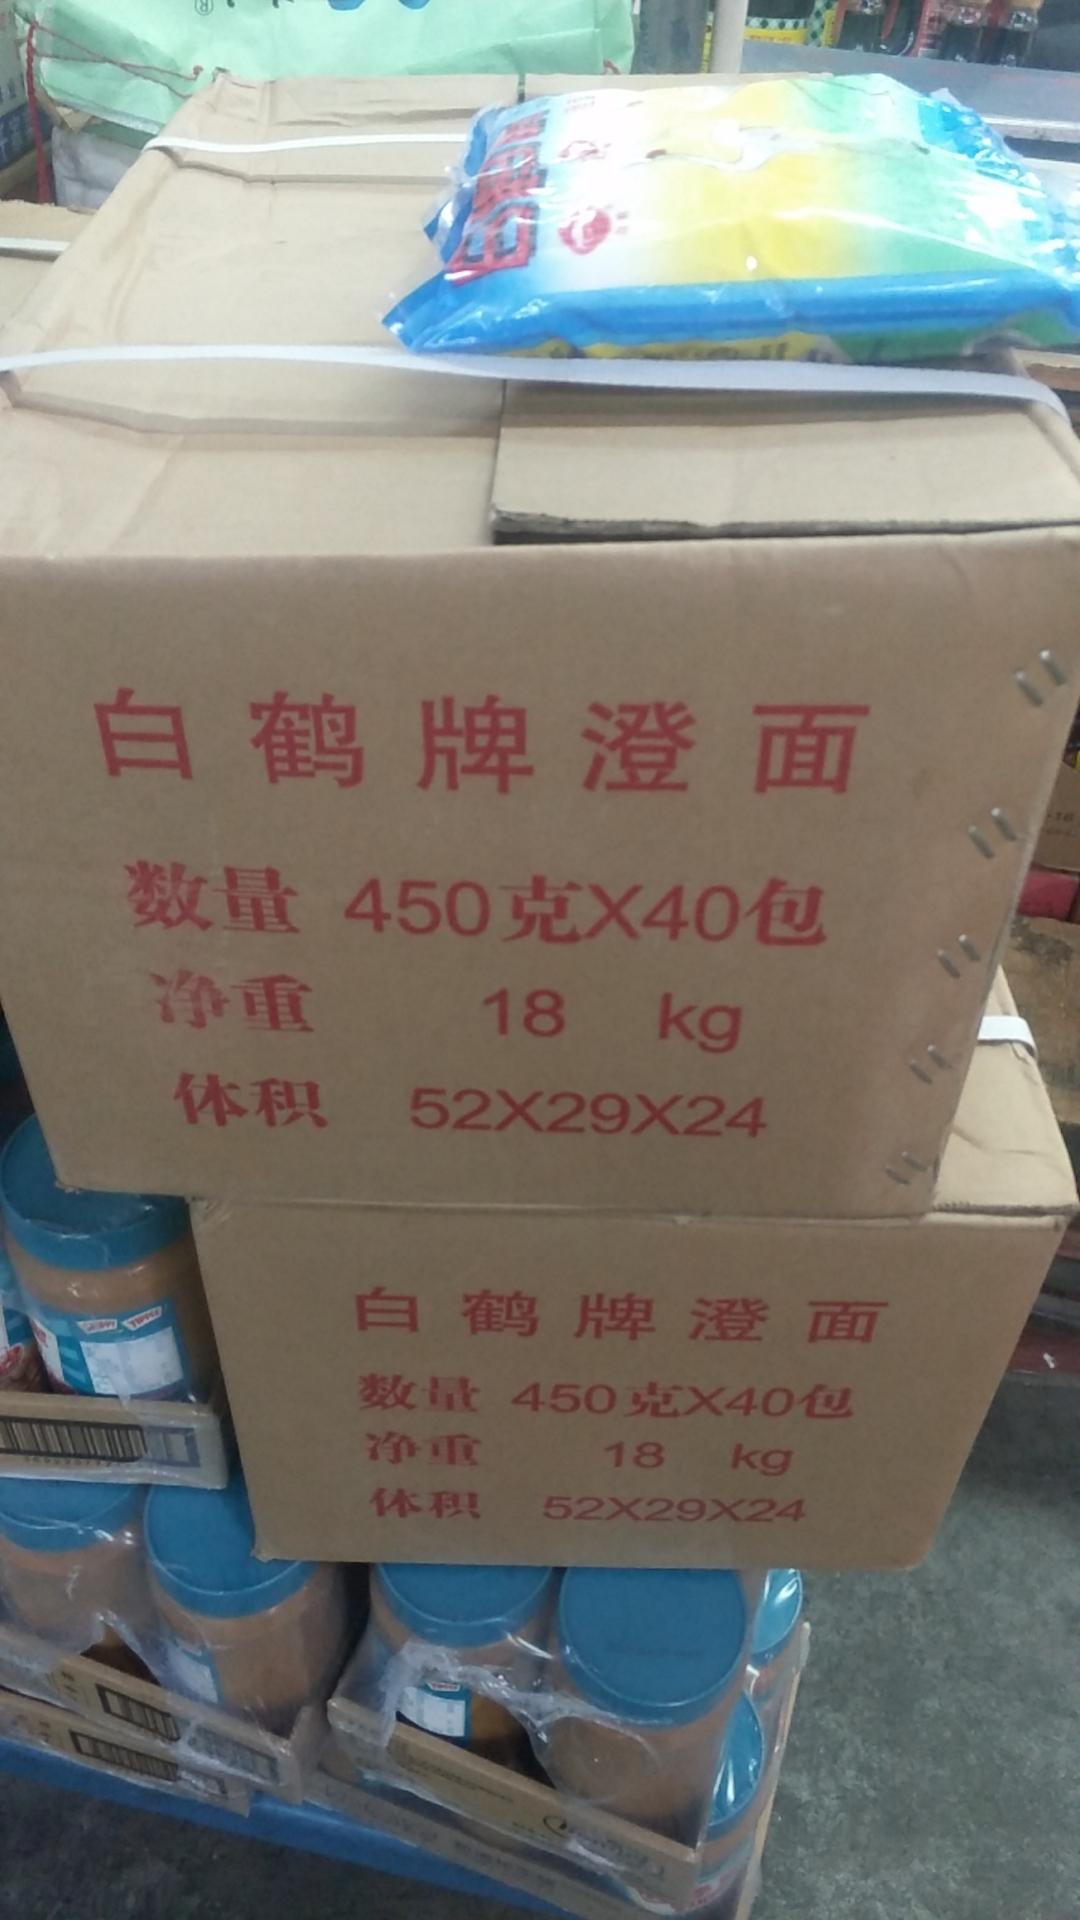 实体批发白鹤牌澄面-1*450g*40包连锁供应报价170.00元